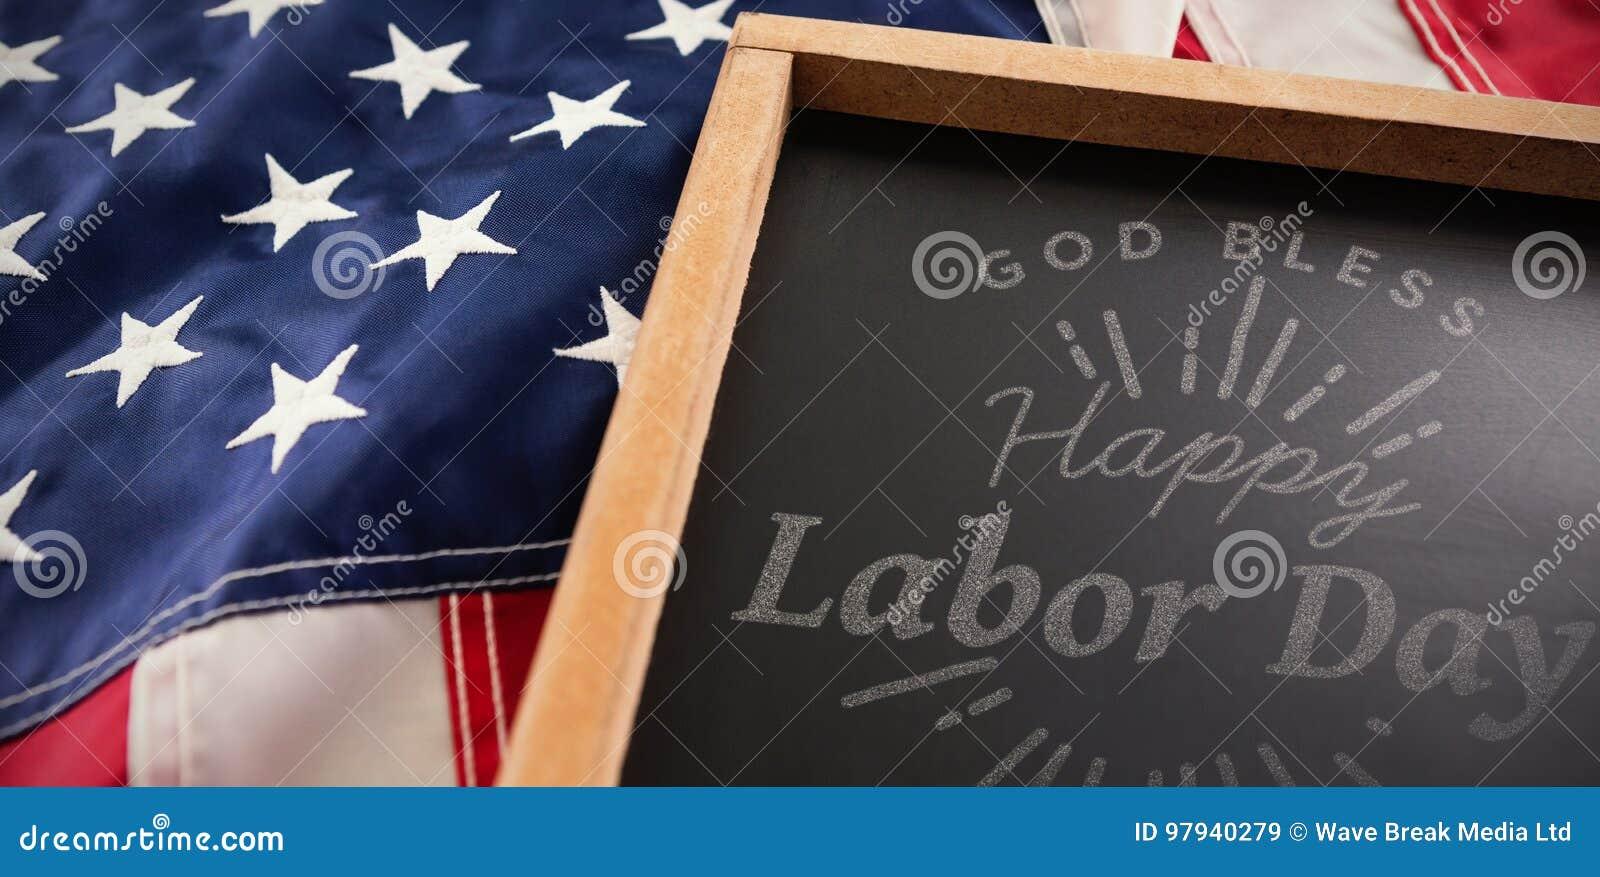 Złożony wizerunek cyfrowy złożony wizerunek szczęśliwy święto pracy i bóg błogosławimy America tekst